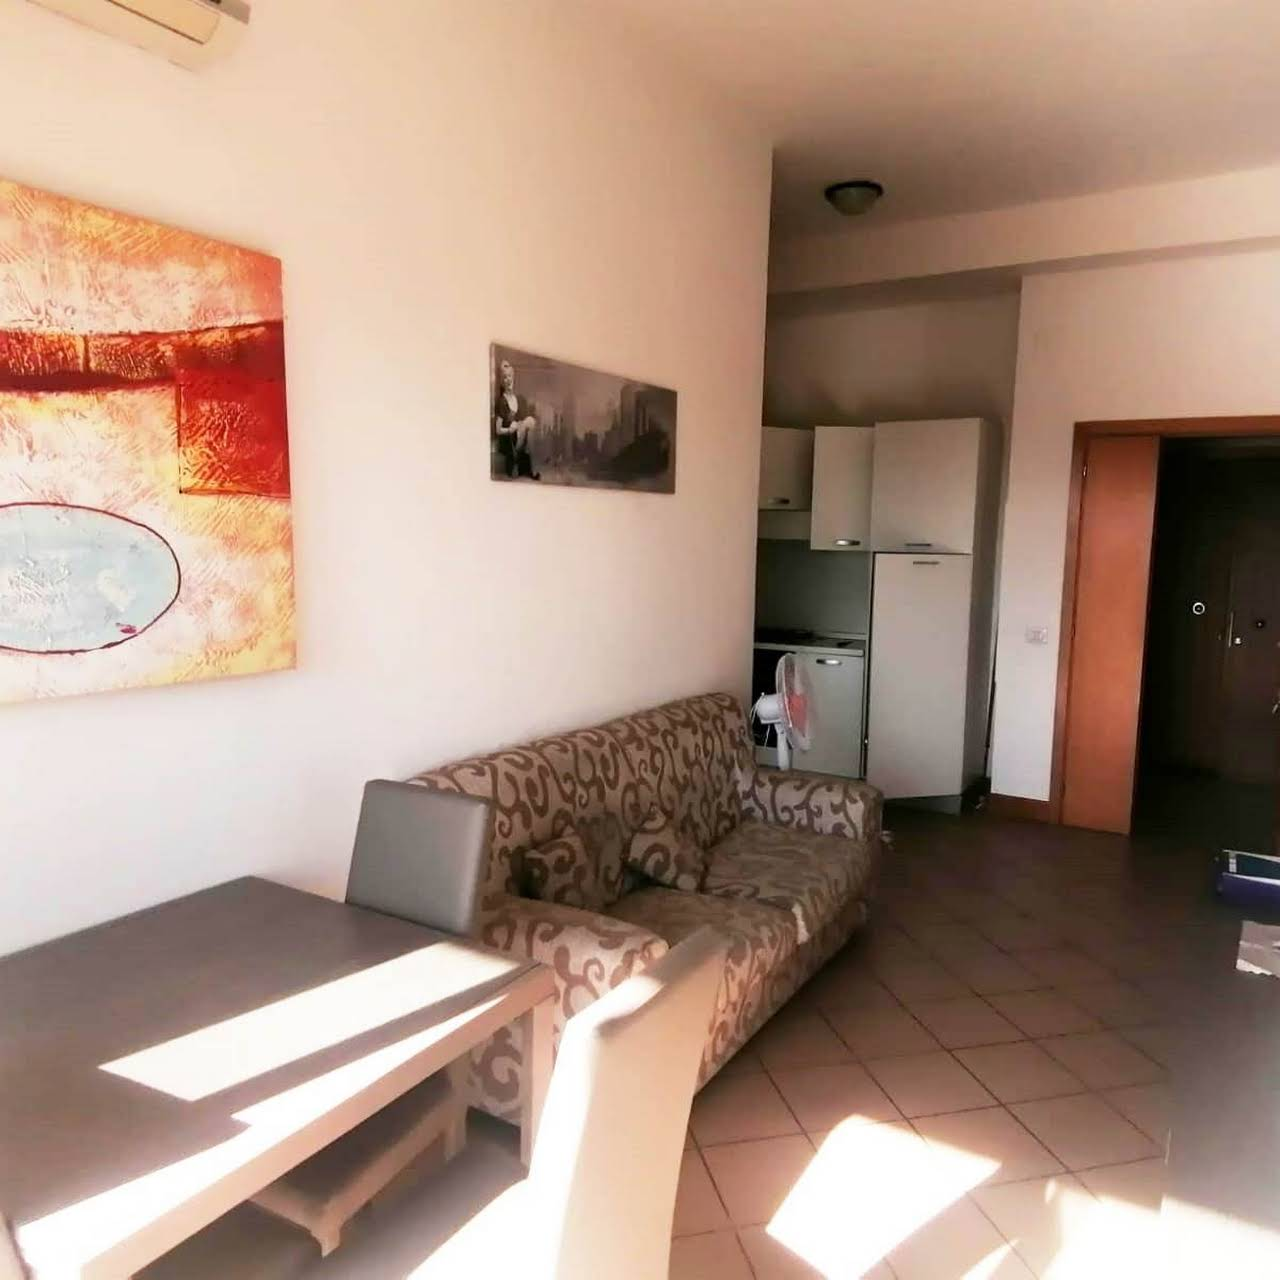 Agenzie Immobiliari Arezzo italcasa immobiliare - agenti immobiliari a arezzo